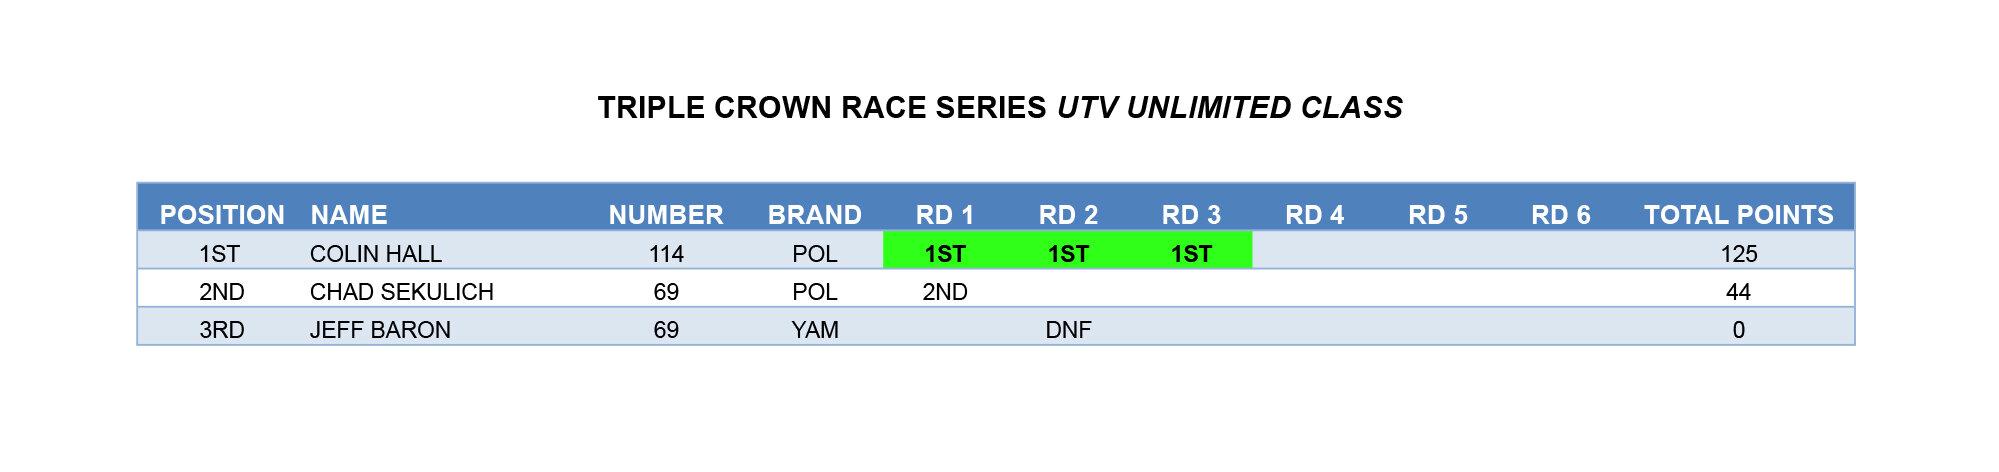 TCRS POINTS  14-UTV UNLIMITED copy.jpg